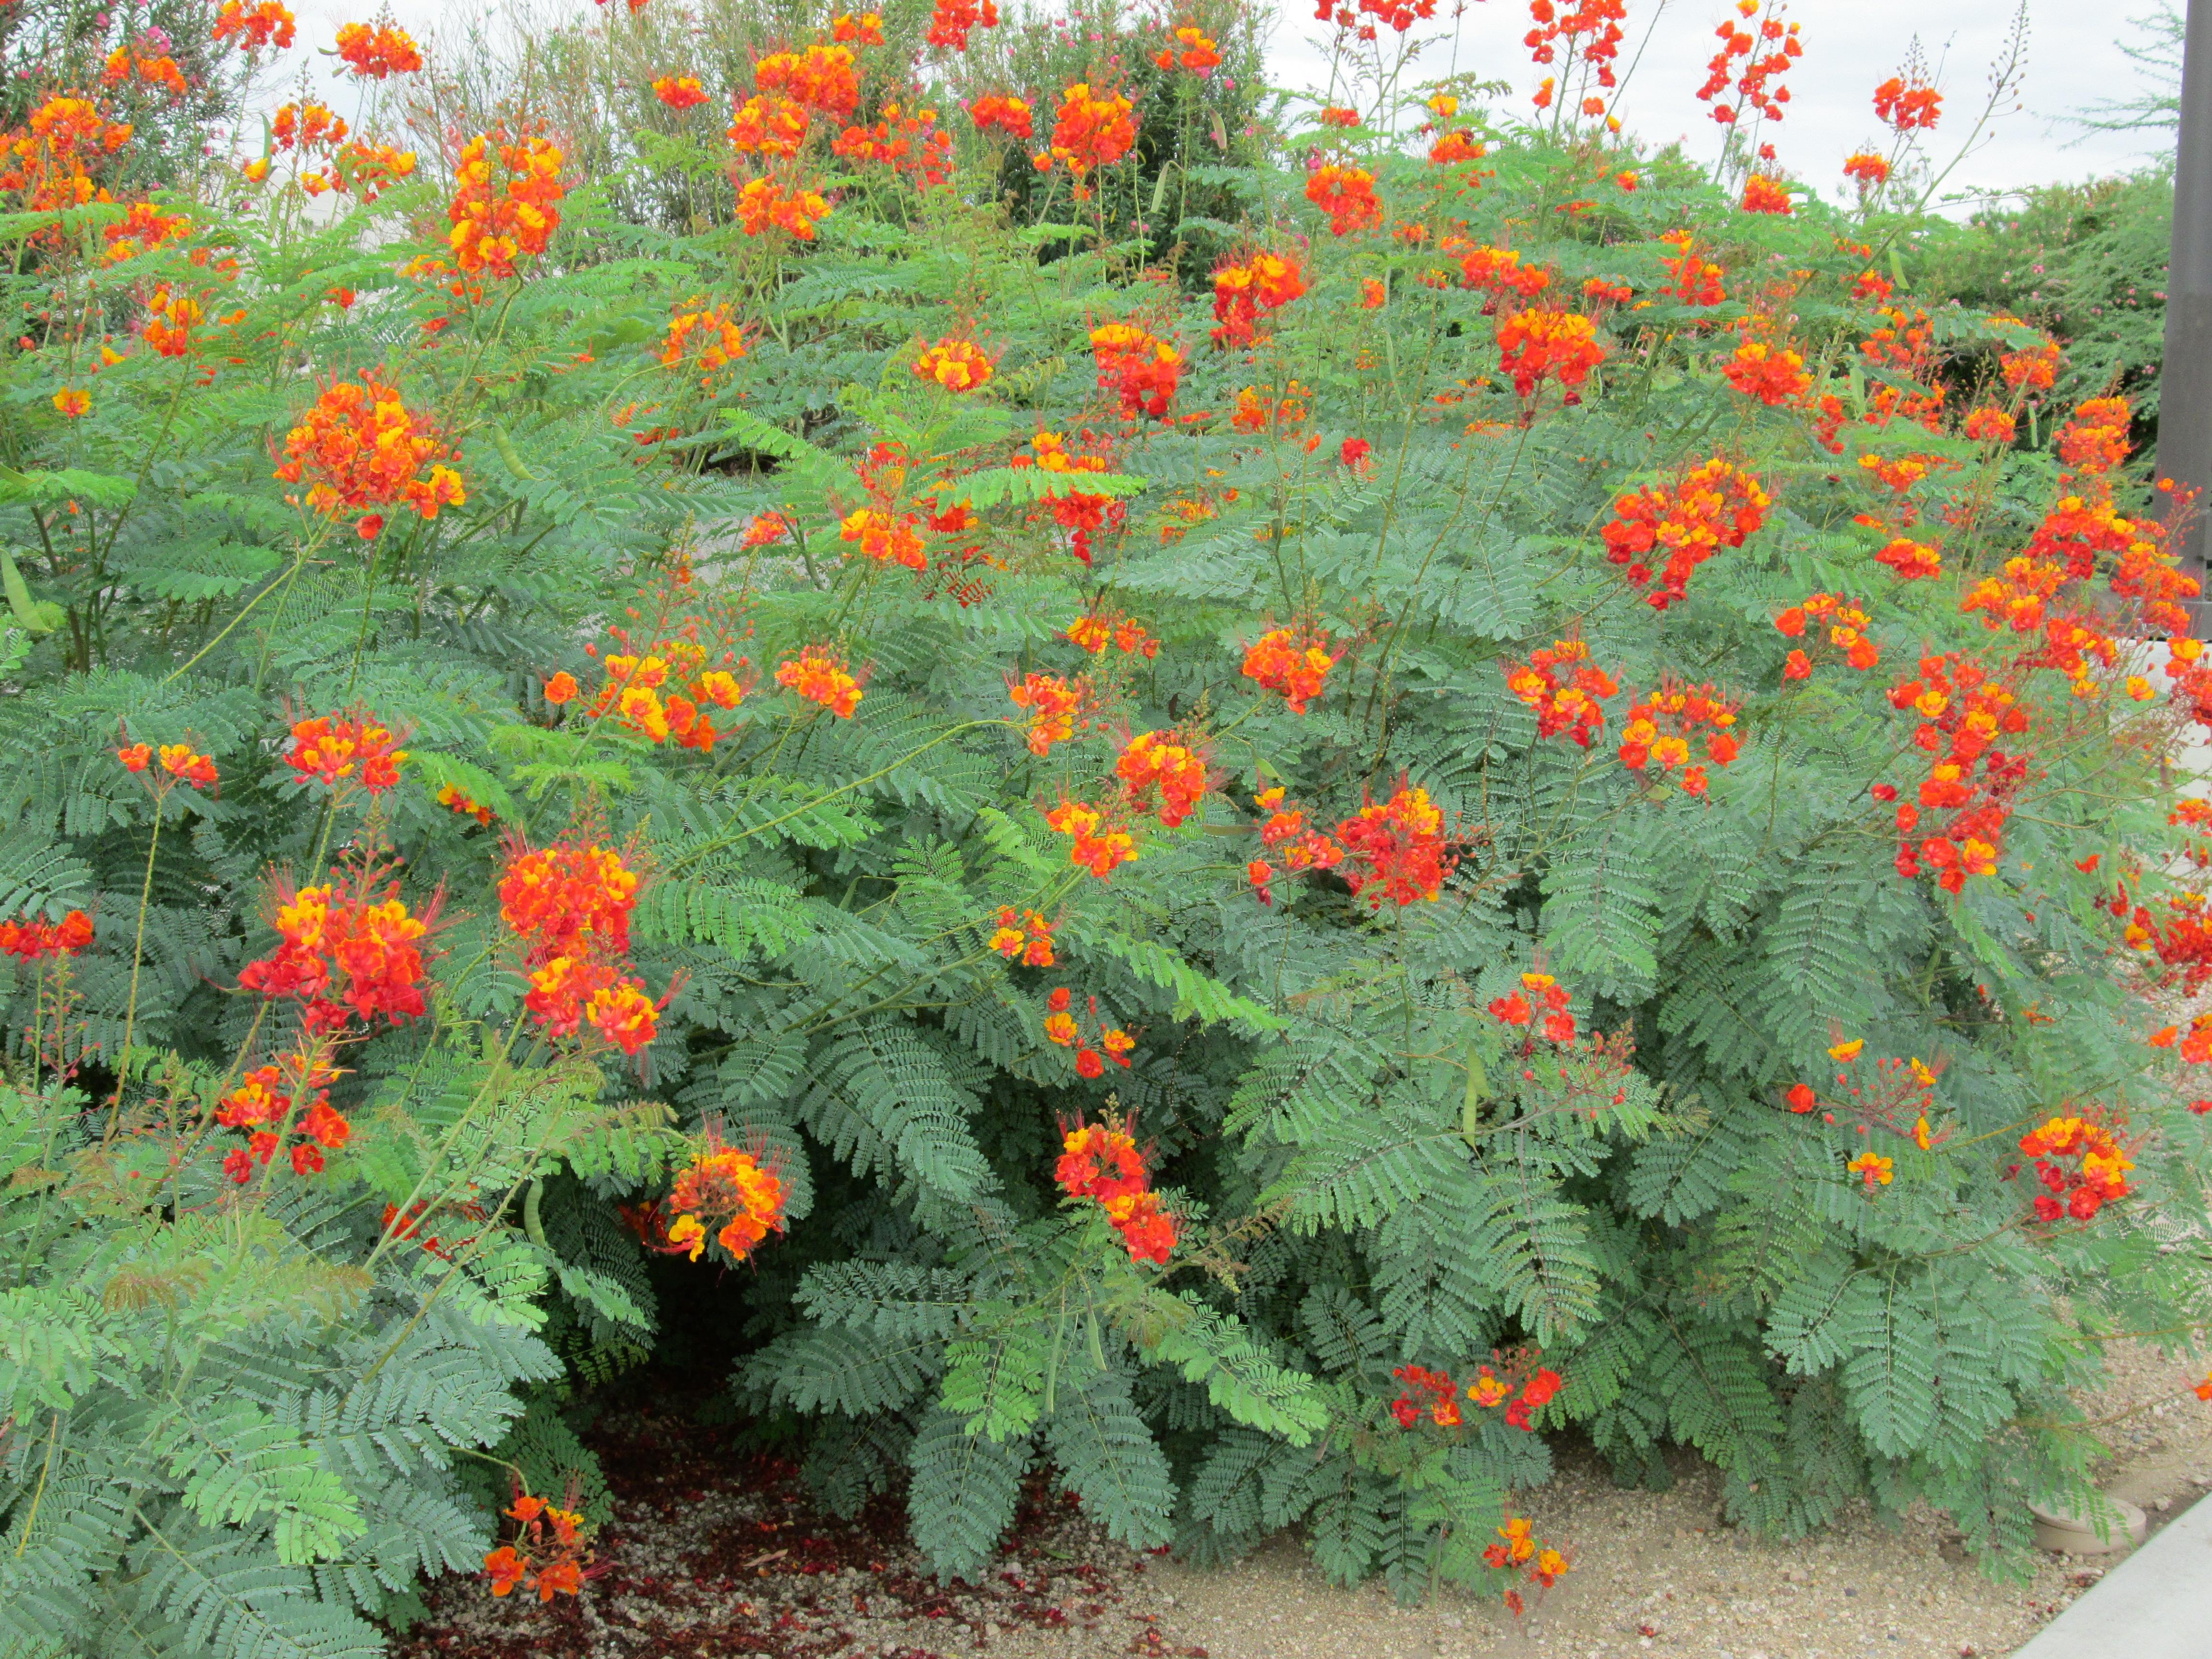 Red-Orange Flowering Bush